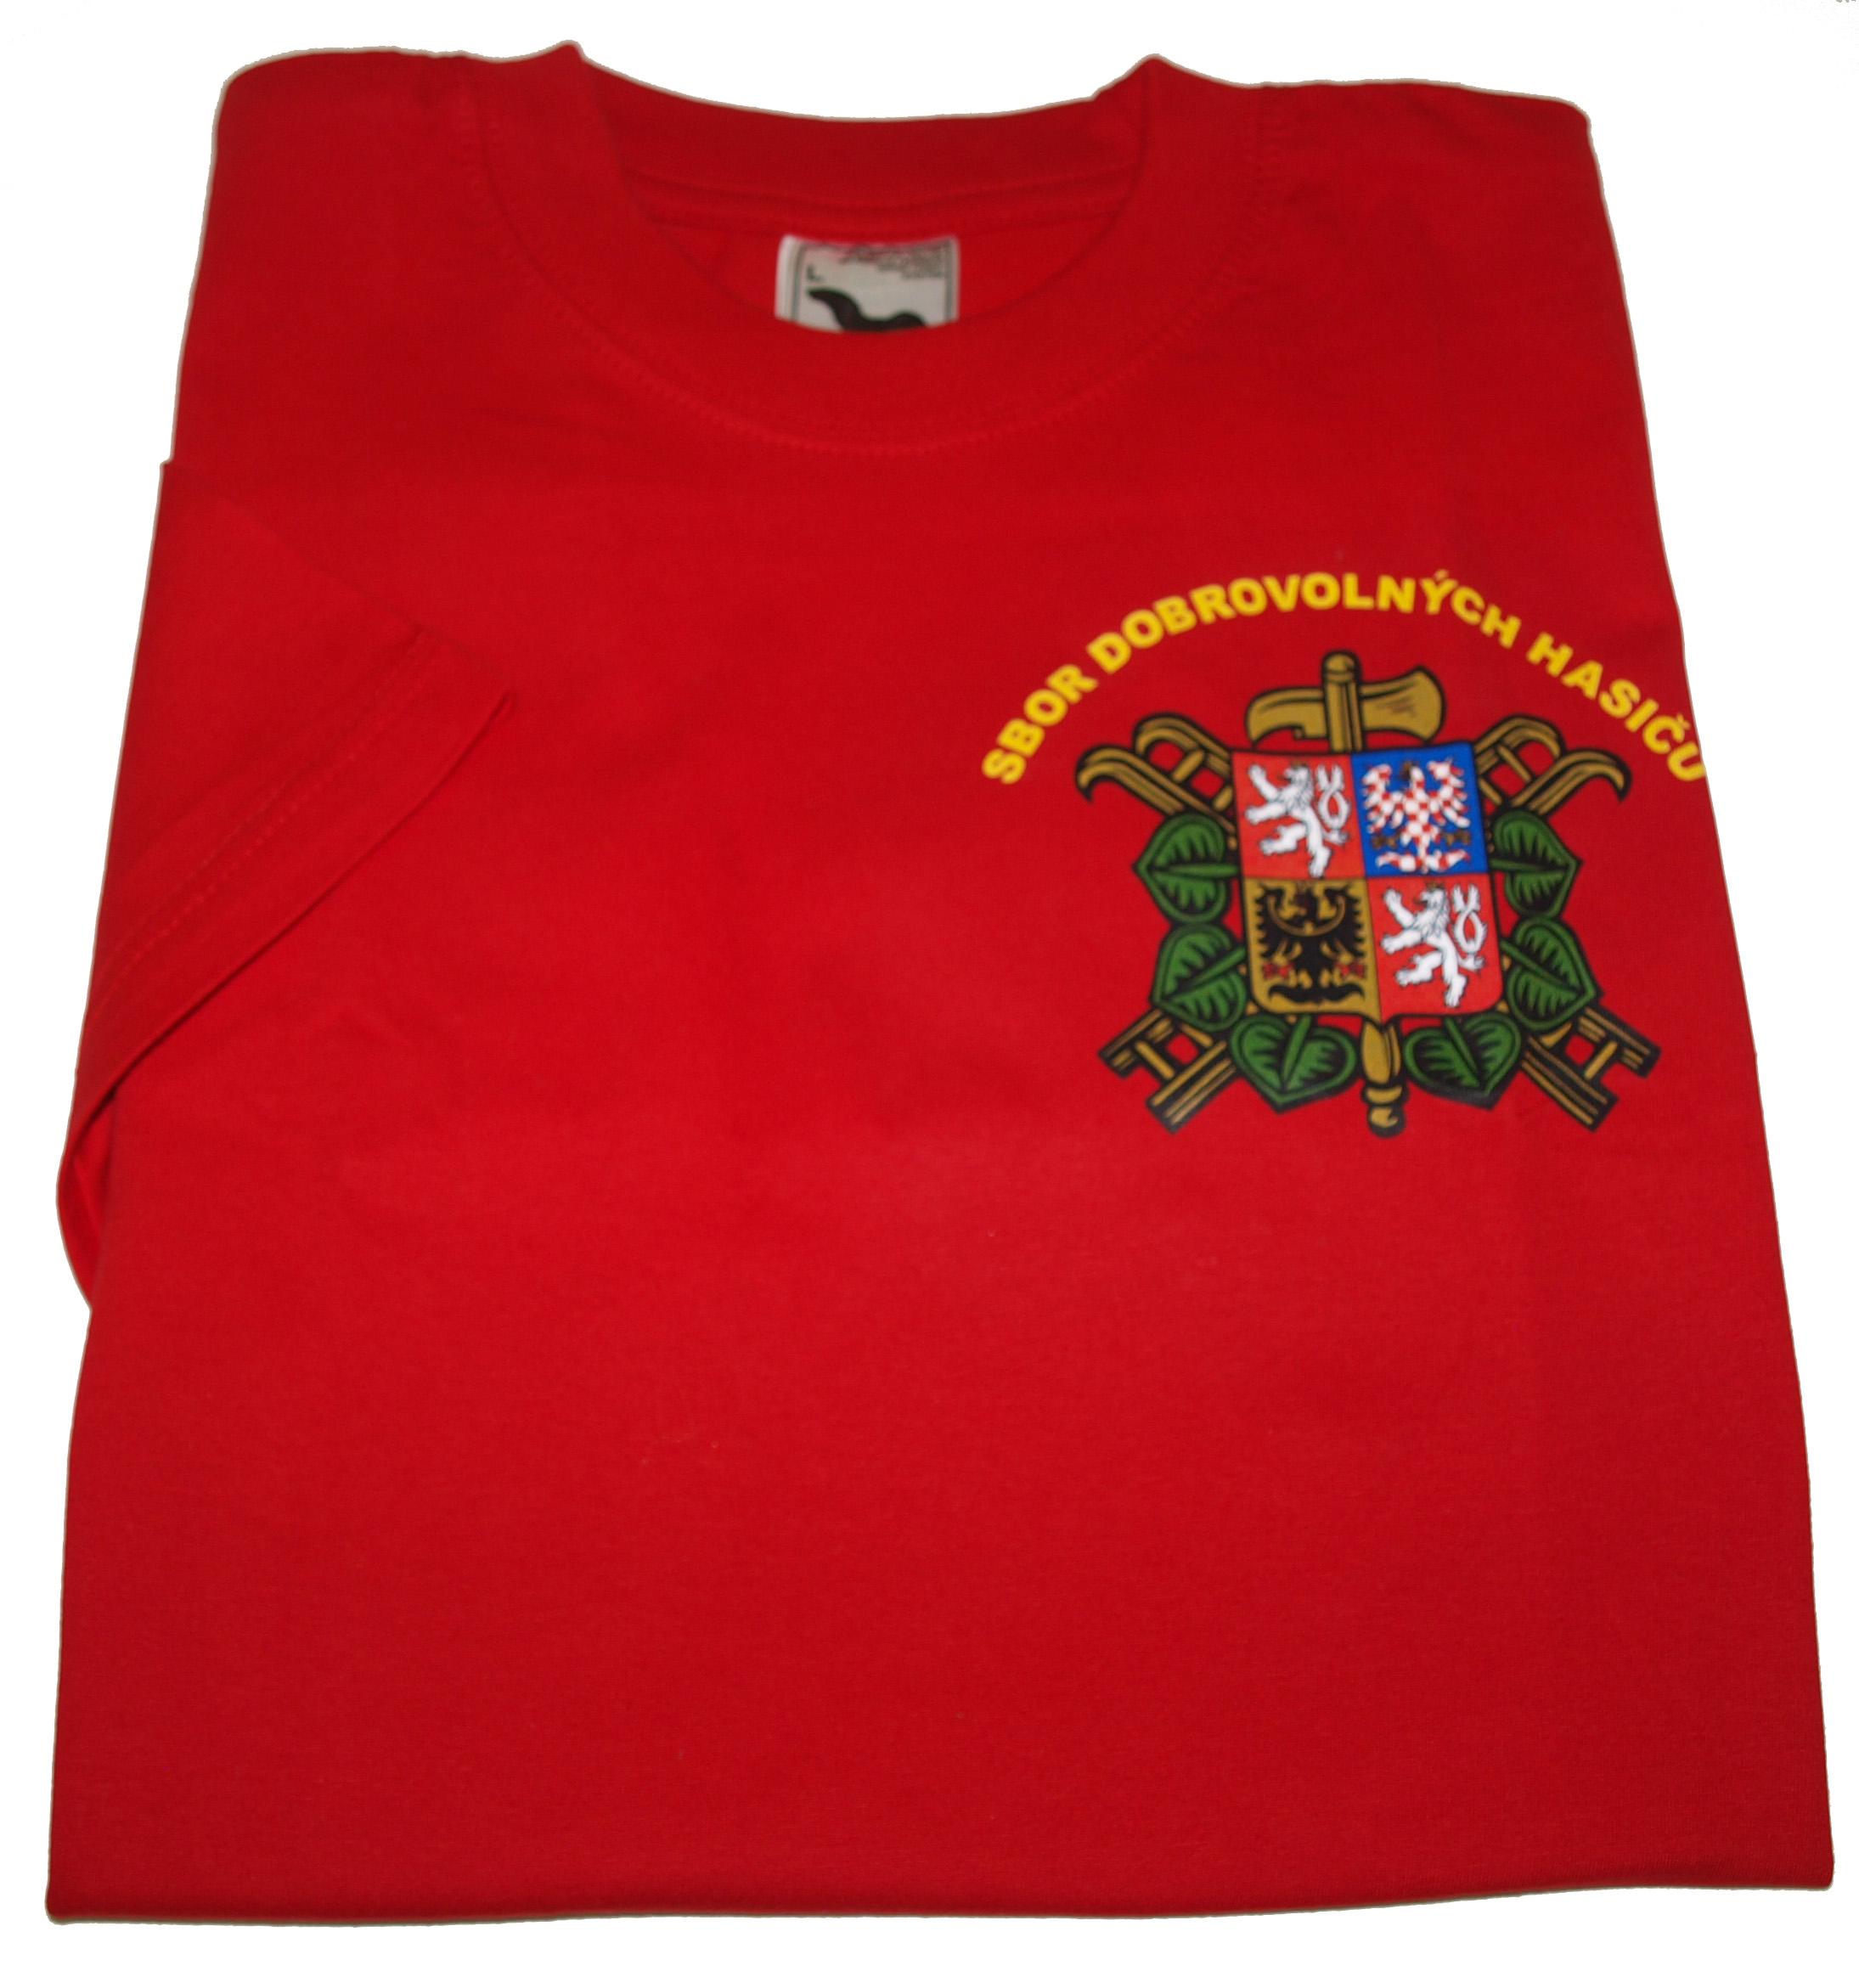 c7c830372d1 Tričko SDH dlouhý rukáv červené se znakem SDH a nápisem Hasiči ...